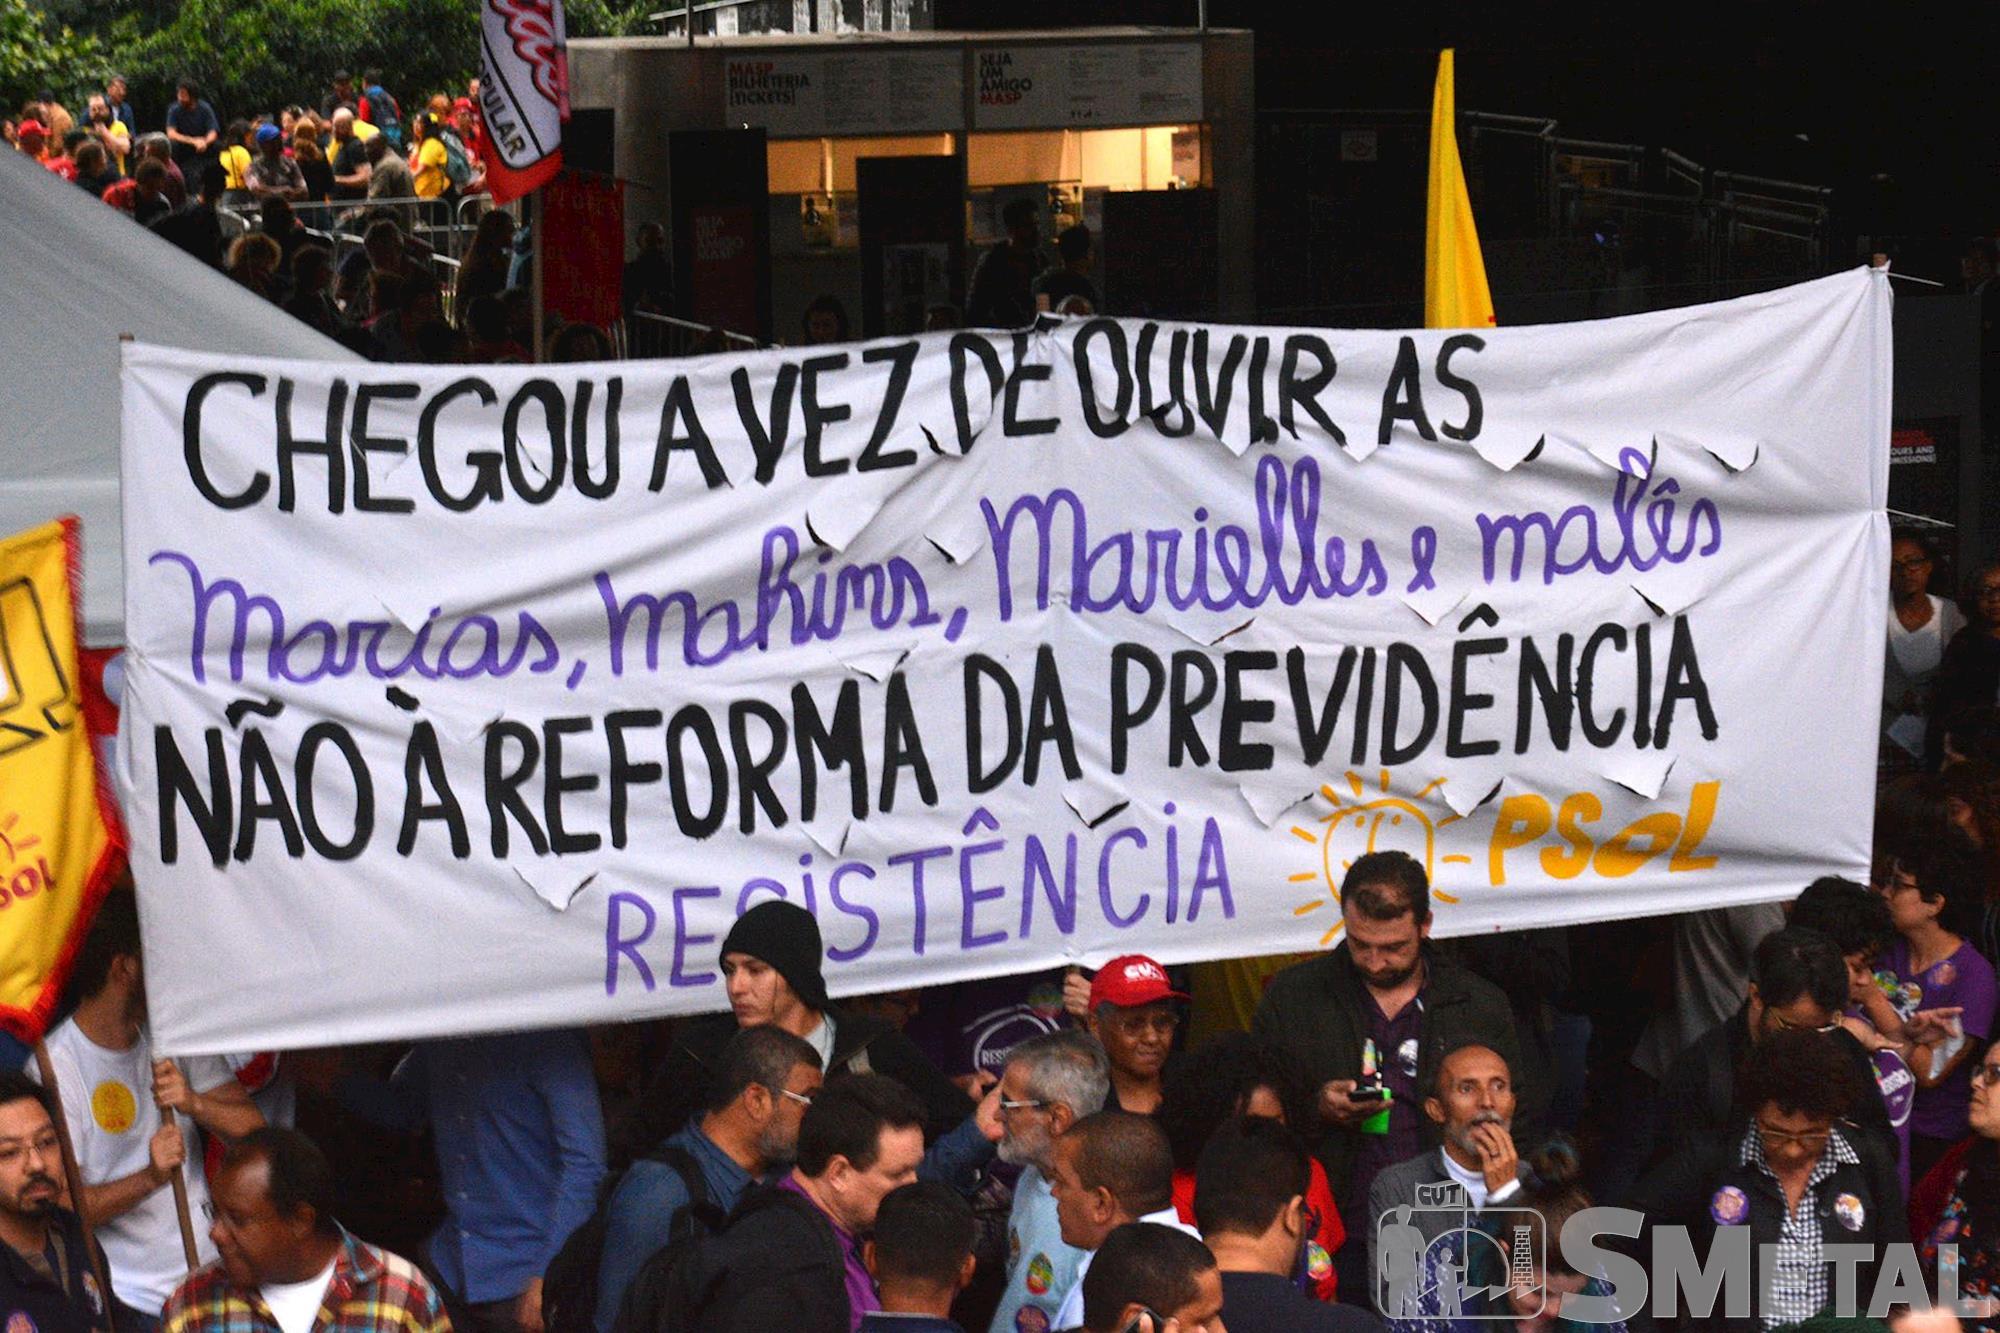 Dia Nacional de Luta em Defesa da Previdência na Avenida Paulista,  em São Paulo, previdência,  reforma,  protesto,  aposentadoria,  paulista,  , Foguinho/Imprensa SMetal, Confira fotos do Dia Nacional de Luta em Defesa da Previdência em SP